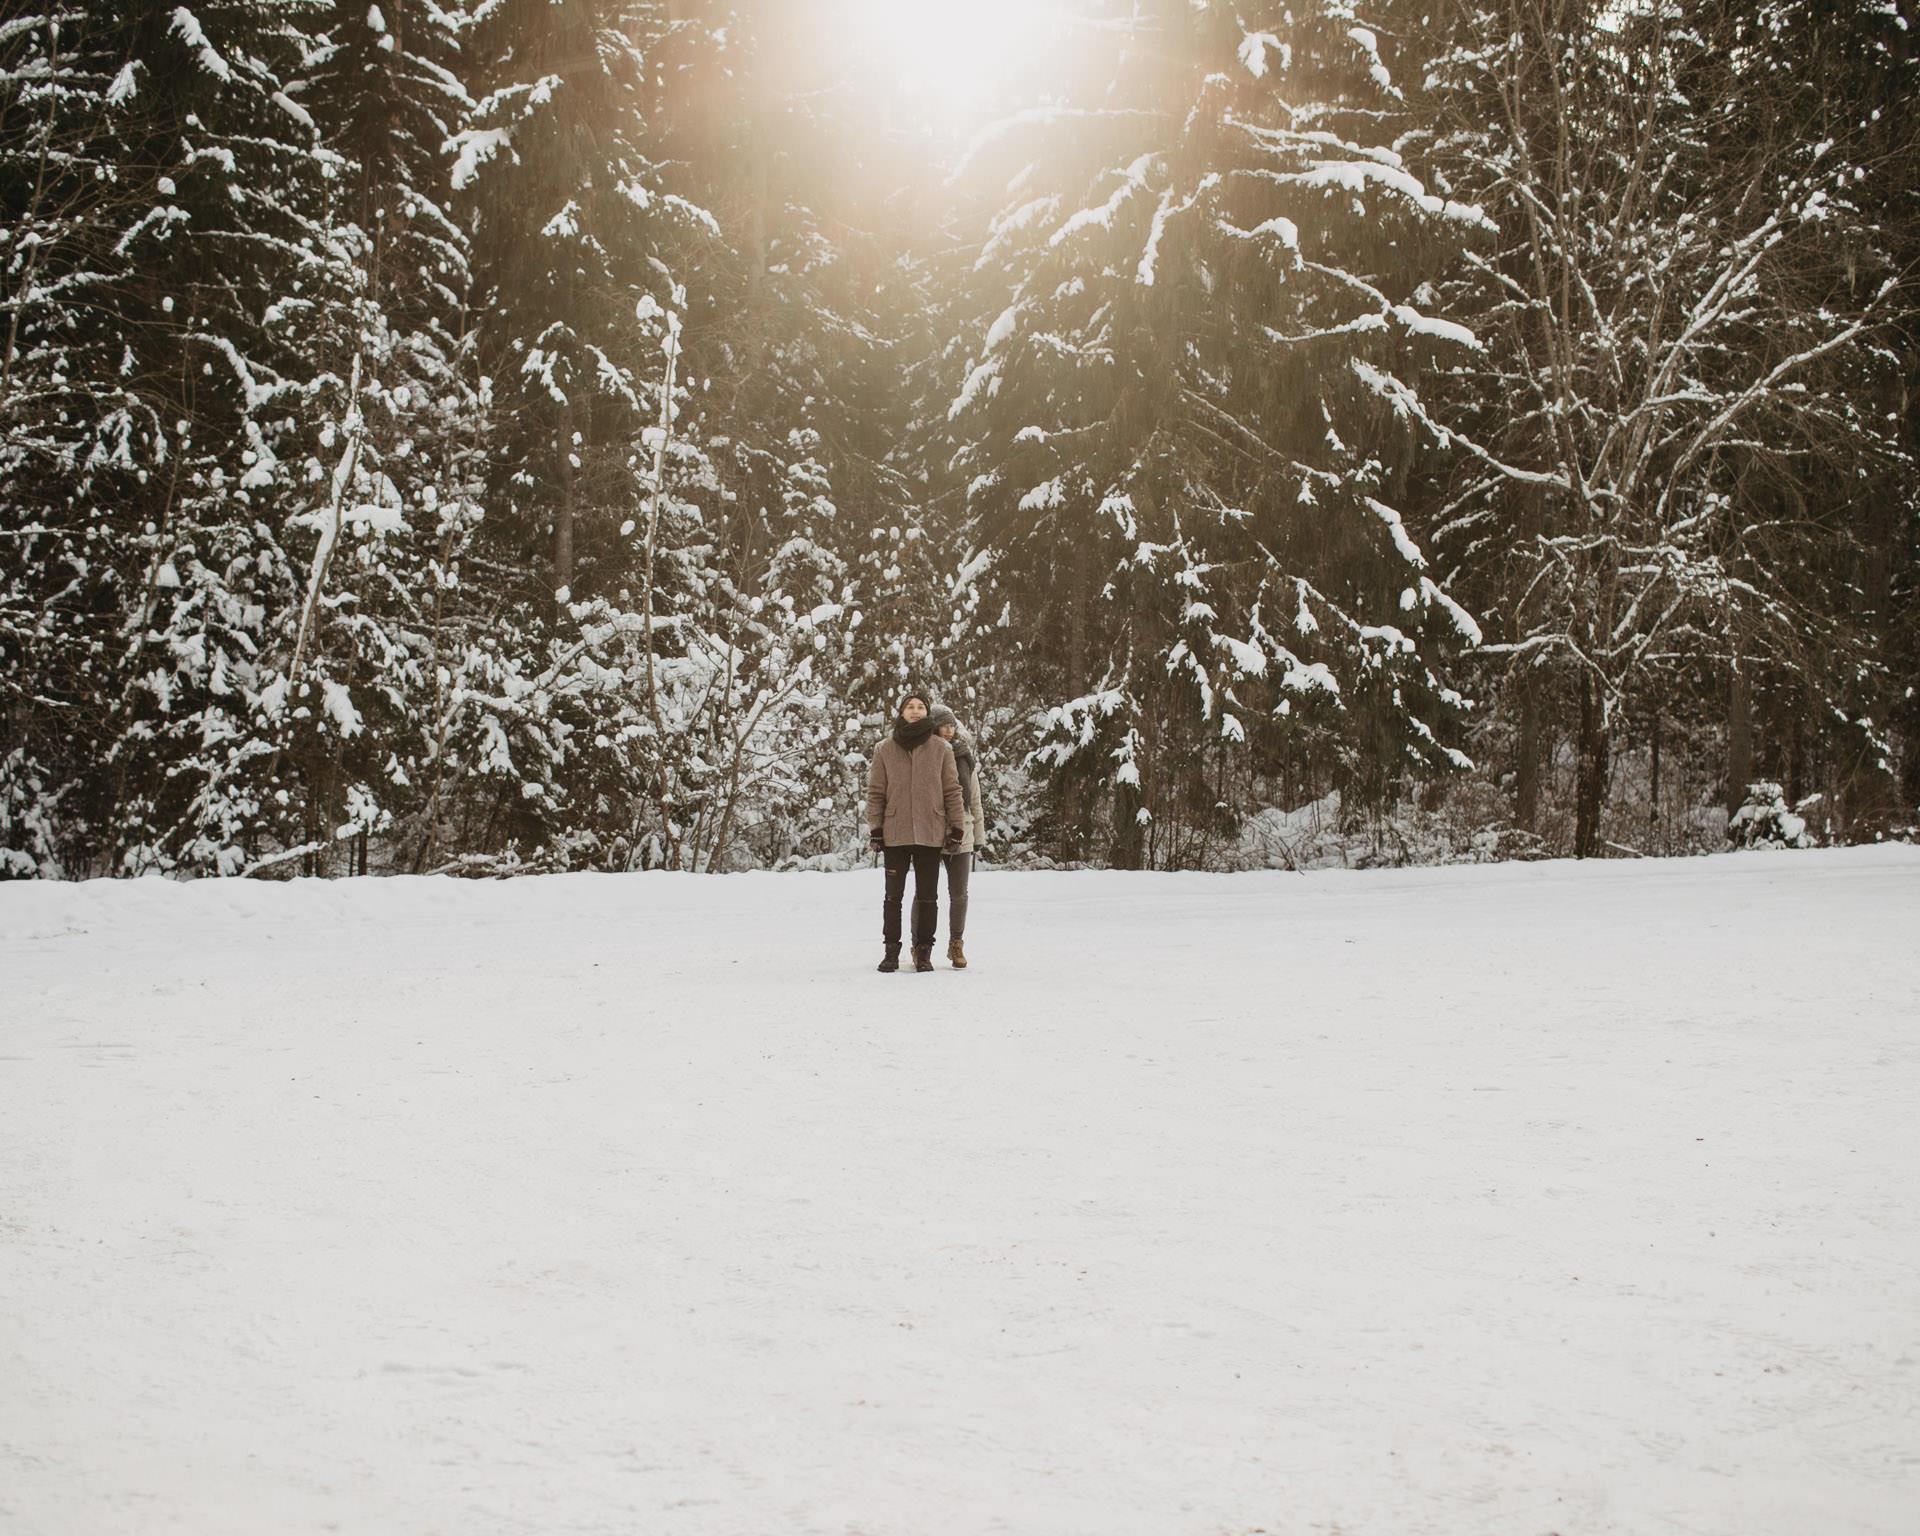 Fotografēties ziemā